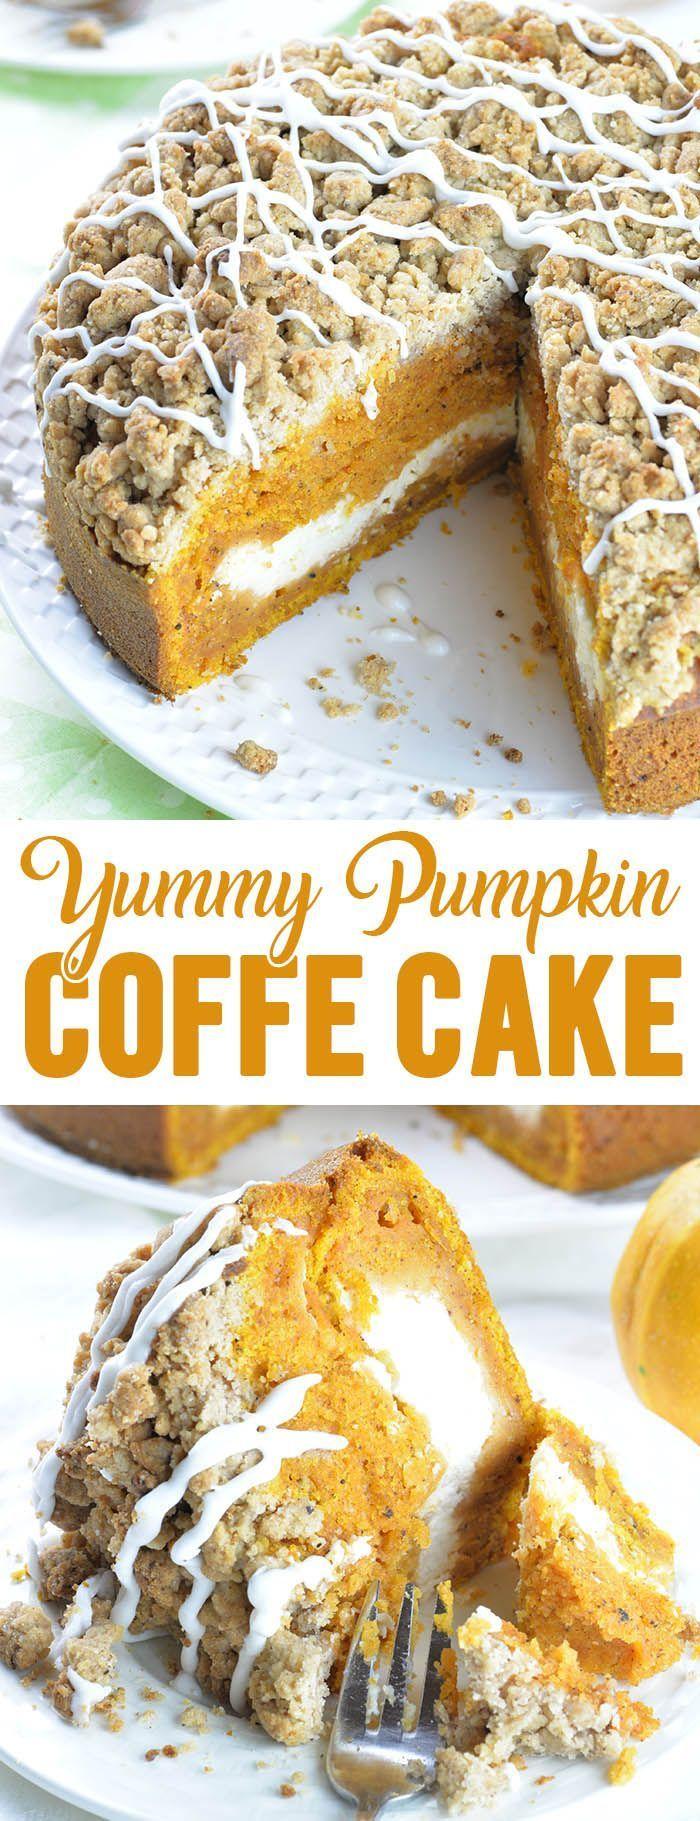 Pumpkin Coffee Cake Dies ist das Herbstrezept, auf das Sie alle gewartet haben ... #cinnamonsugarcookies